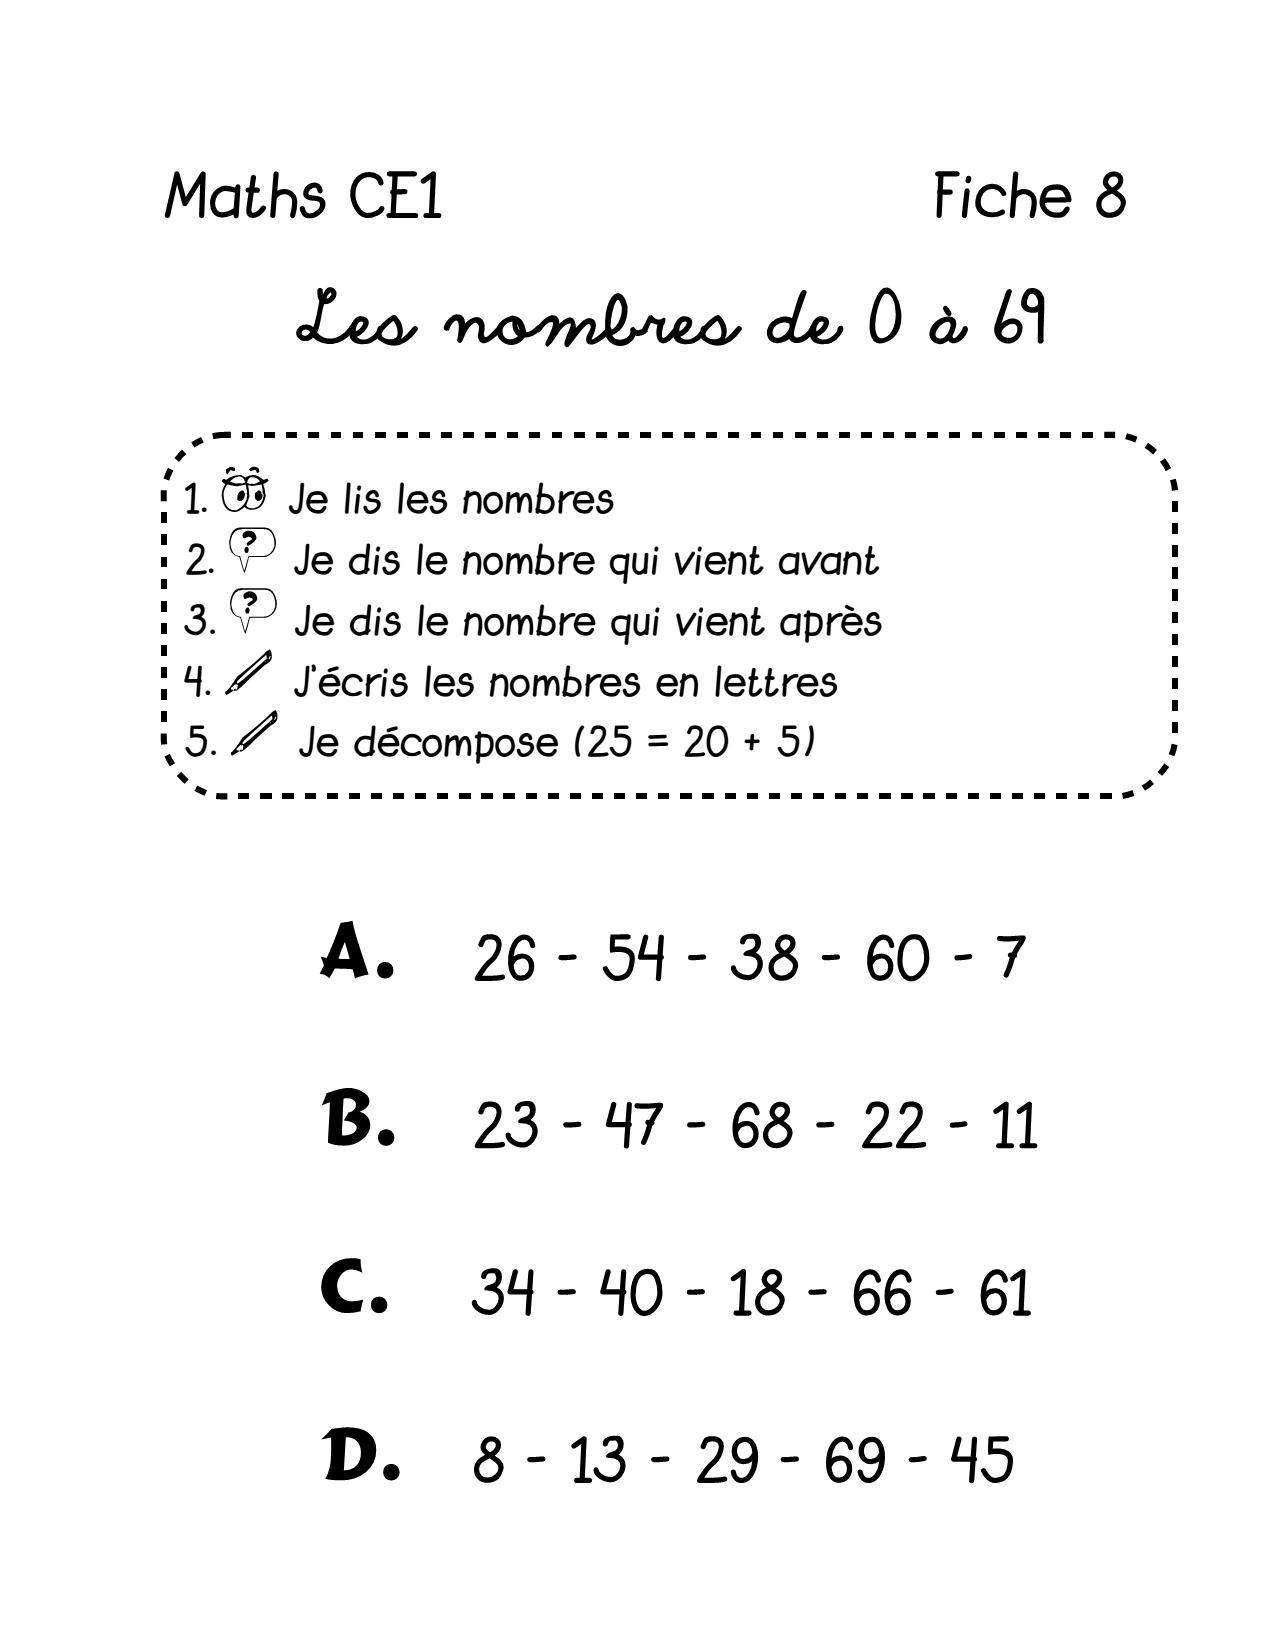 Mathématiques: Fiche 8 - En Route Pour Le Tour Du Monde Avec tout Les Nombres De 0 À 20